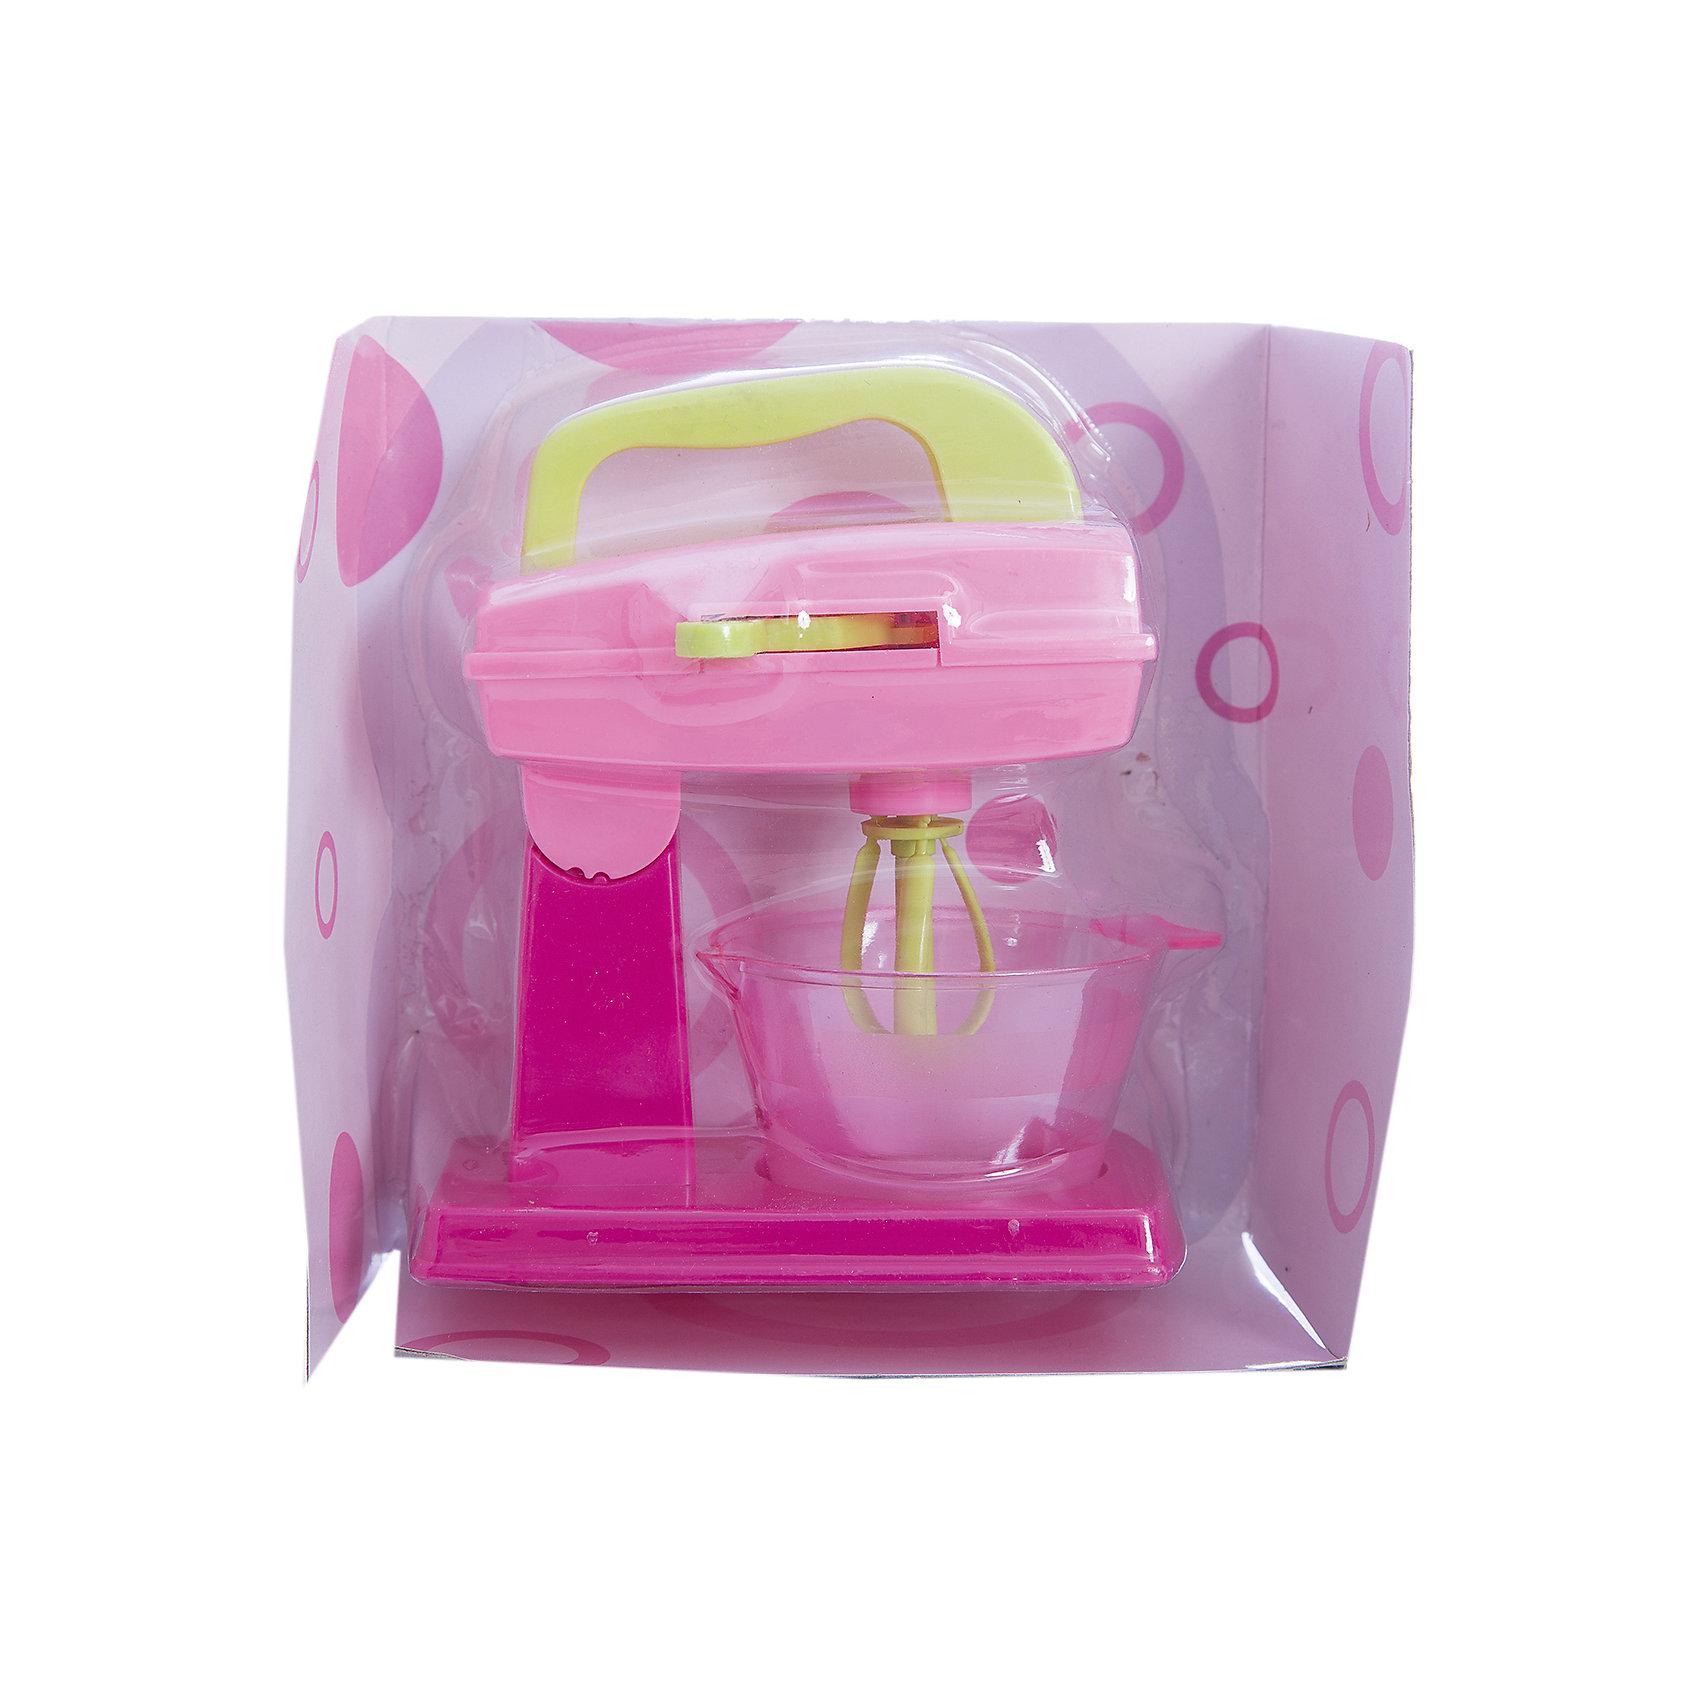 Игрушка Блендер, EstaBellaИгрушечная бытовая техника<br>Игрушка Блендер, EstaBella (Эстабелла).<br><br>Характеристики:<br><br>• венчики крутятся при нажатии на кнопку<br>• полностью безопасен для ребенка<br>• материал: пластик<br>• вес: 240 грамм<br>• размер упаковки: 15х8х16 см<br><br>Каждая девочка мечтает помогать любимой маме. Блендер EstaBella (Эстабелла) поможет малышке в ее начинаниях. Нажмите на кнопочку - и венчики начнут крутиться в чаше по-настоящему! При этом игрушка абсолютно безопасна для ребенка. Блендер изготовлен из нетоксичного пластика. Прекрасный подарок маленькой хозяюшке!<br><br>Игрушку Блендер, EstaBella (Эстабелла) вы можете купить в нашем интернет-магазине.<br><br>Ширина мм: 160<br>Глубина мм: 80<br>Высота мм: 150<br>Вес г: 240<br>Возраст от месяцев: 36<br>Возраст до месяцев: 120<br>Пол: Женский<br>Возраст: Детский<br>SKU: 5017648